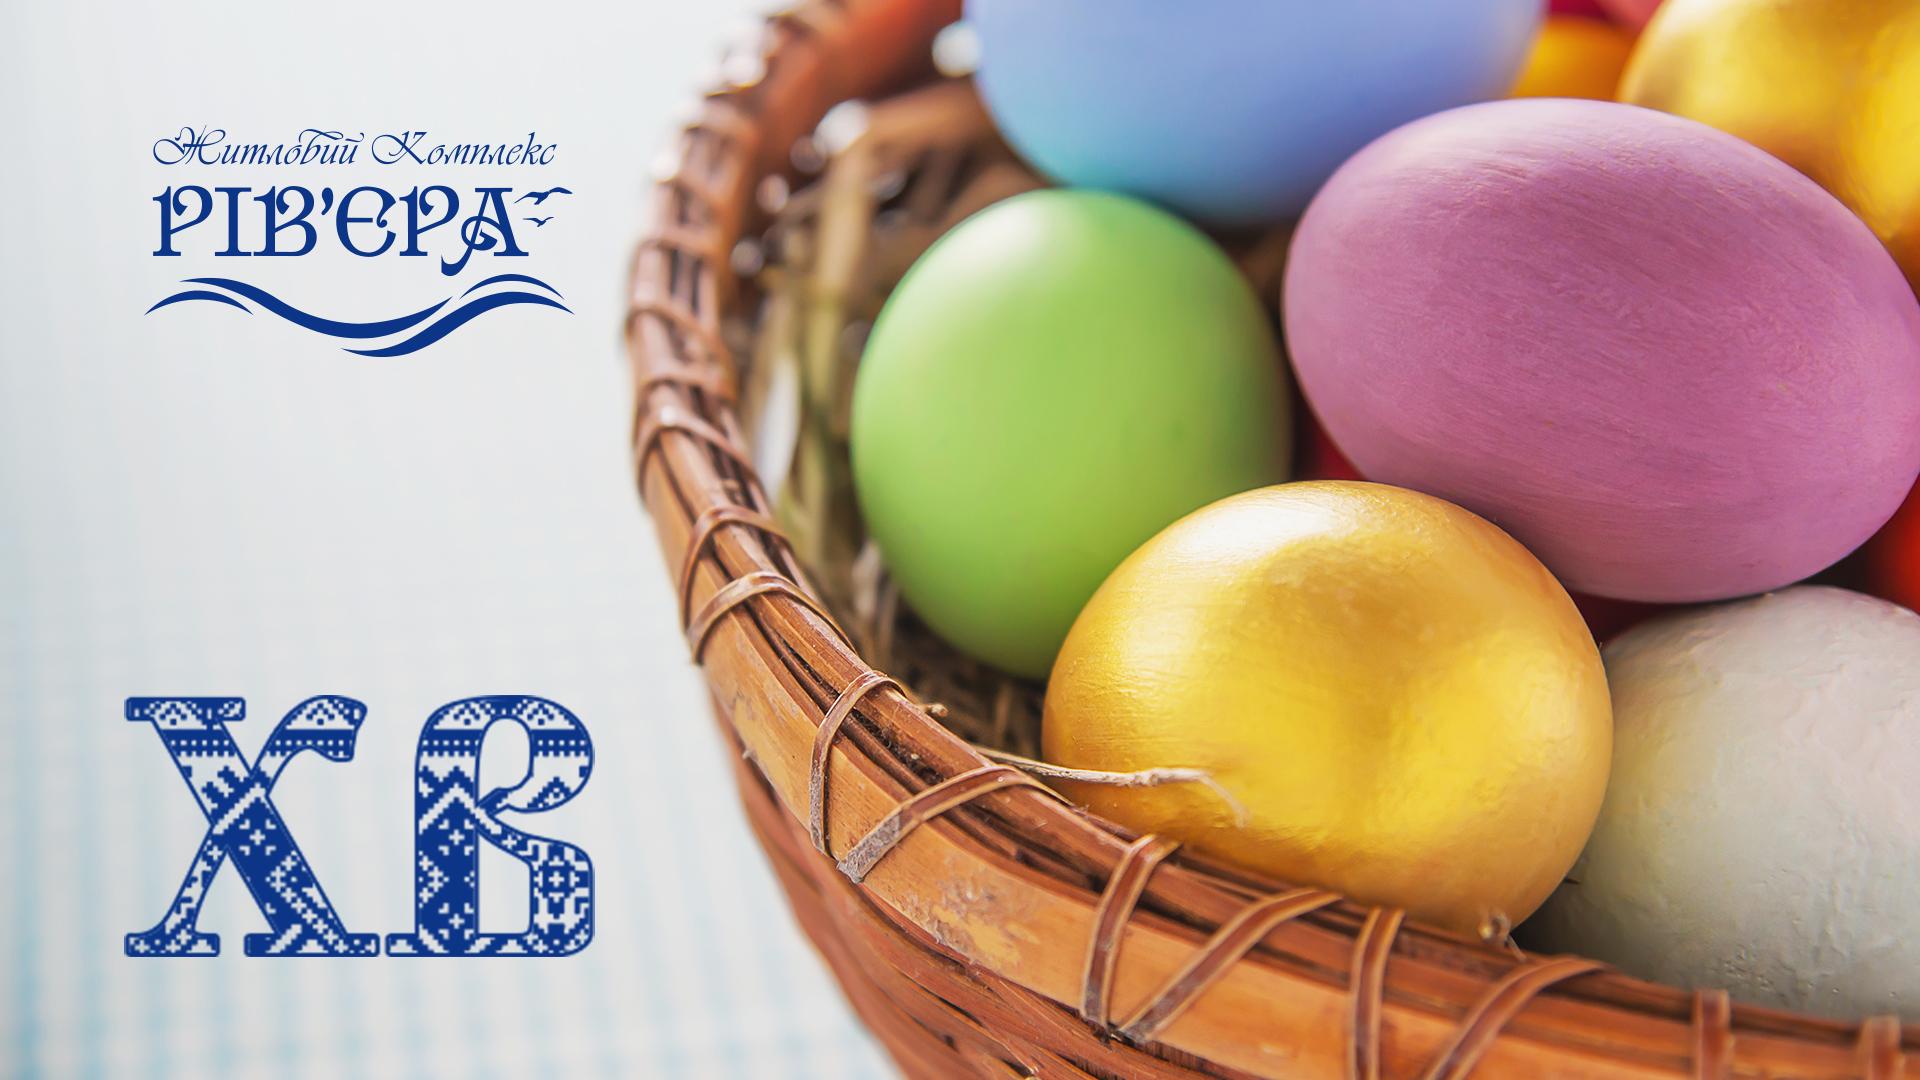 Примите самые теплые поздравления со светлым и радостным праздником – Пасхой!